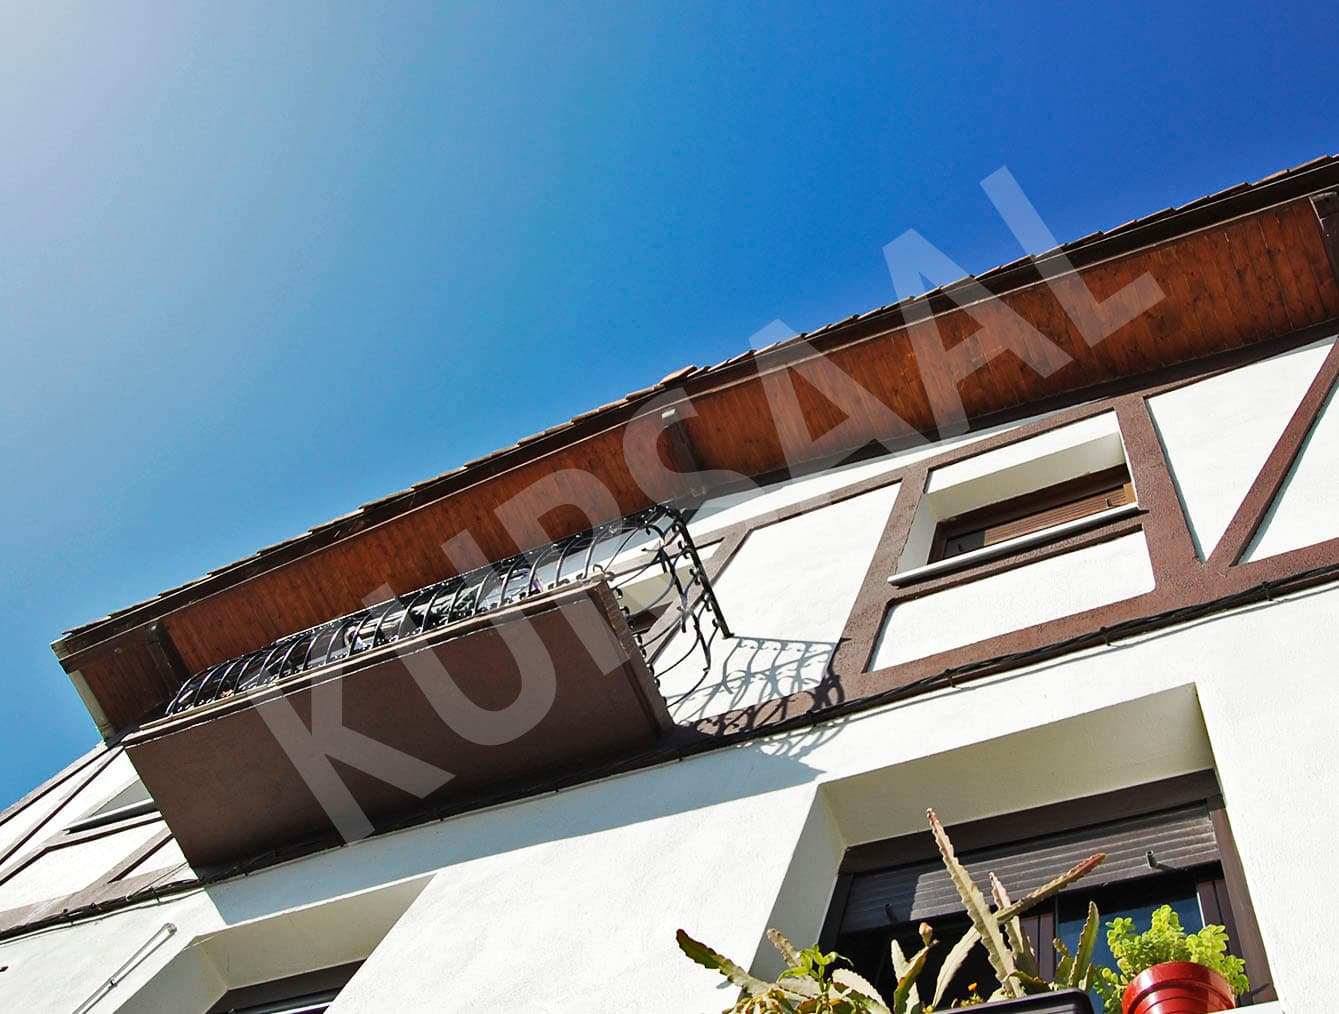 foto 12 - Restauración y patrimonio-Okendotegi 2-MARTUTENE, GIPUZKOA